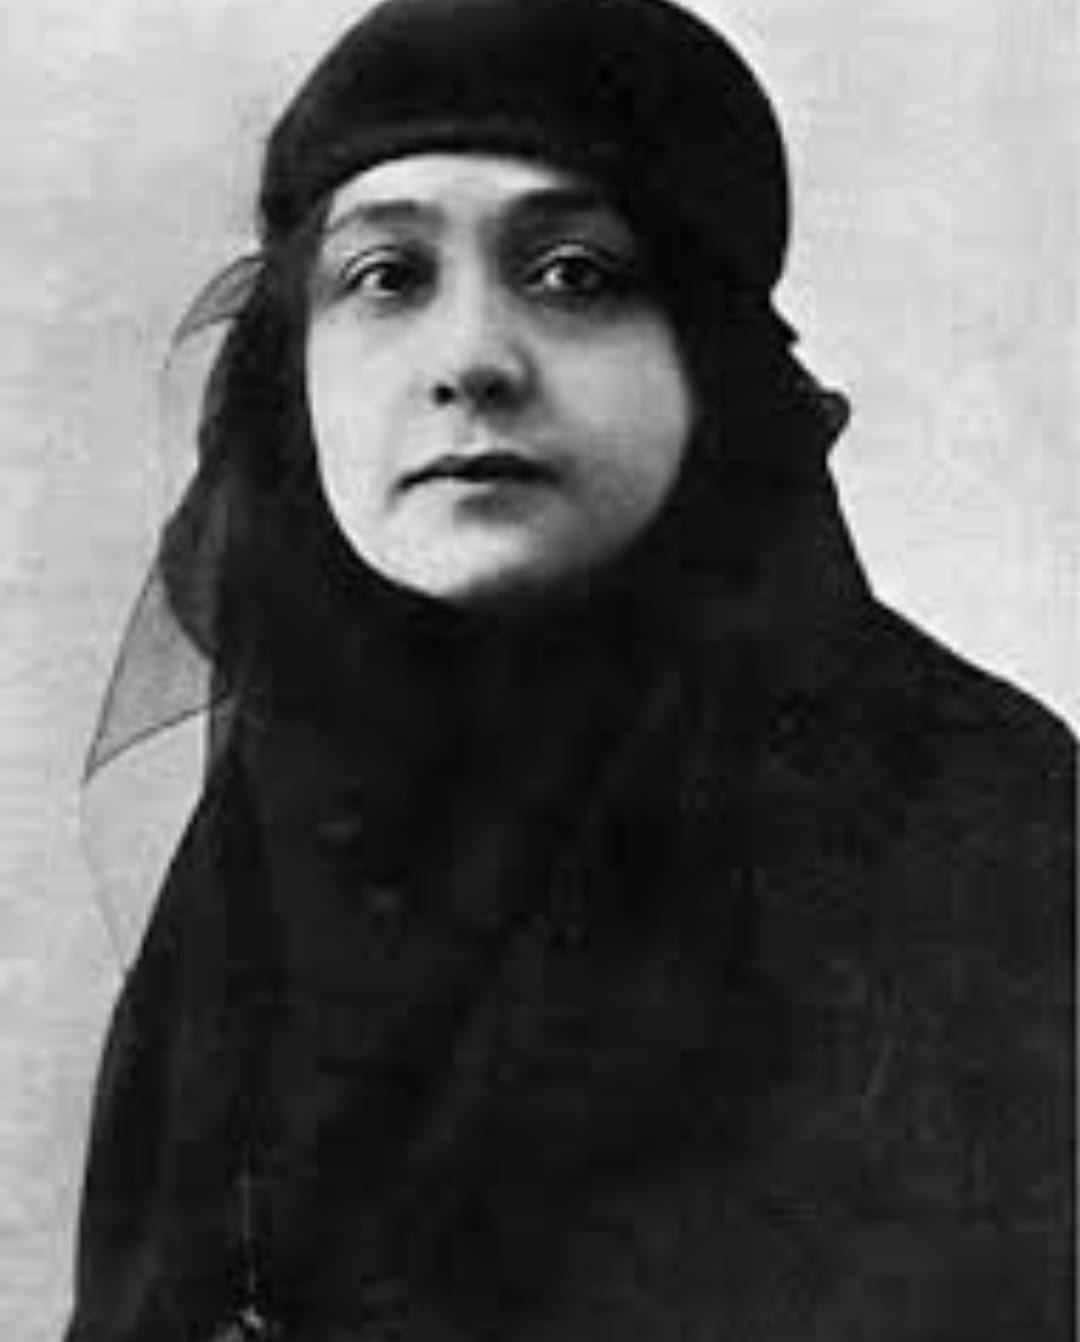 אם הפמניזם הערבי במצרים ובעולם הערבי: הודא שעראווי נולדה ב-23 ביוני 1879